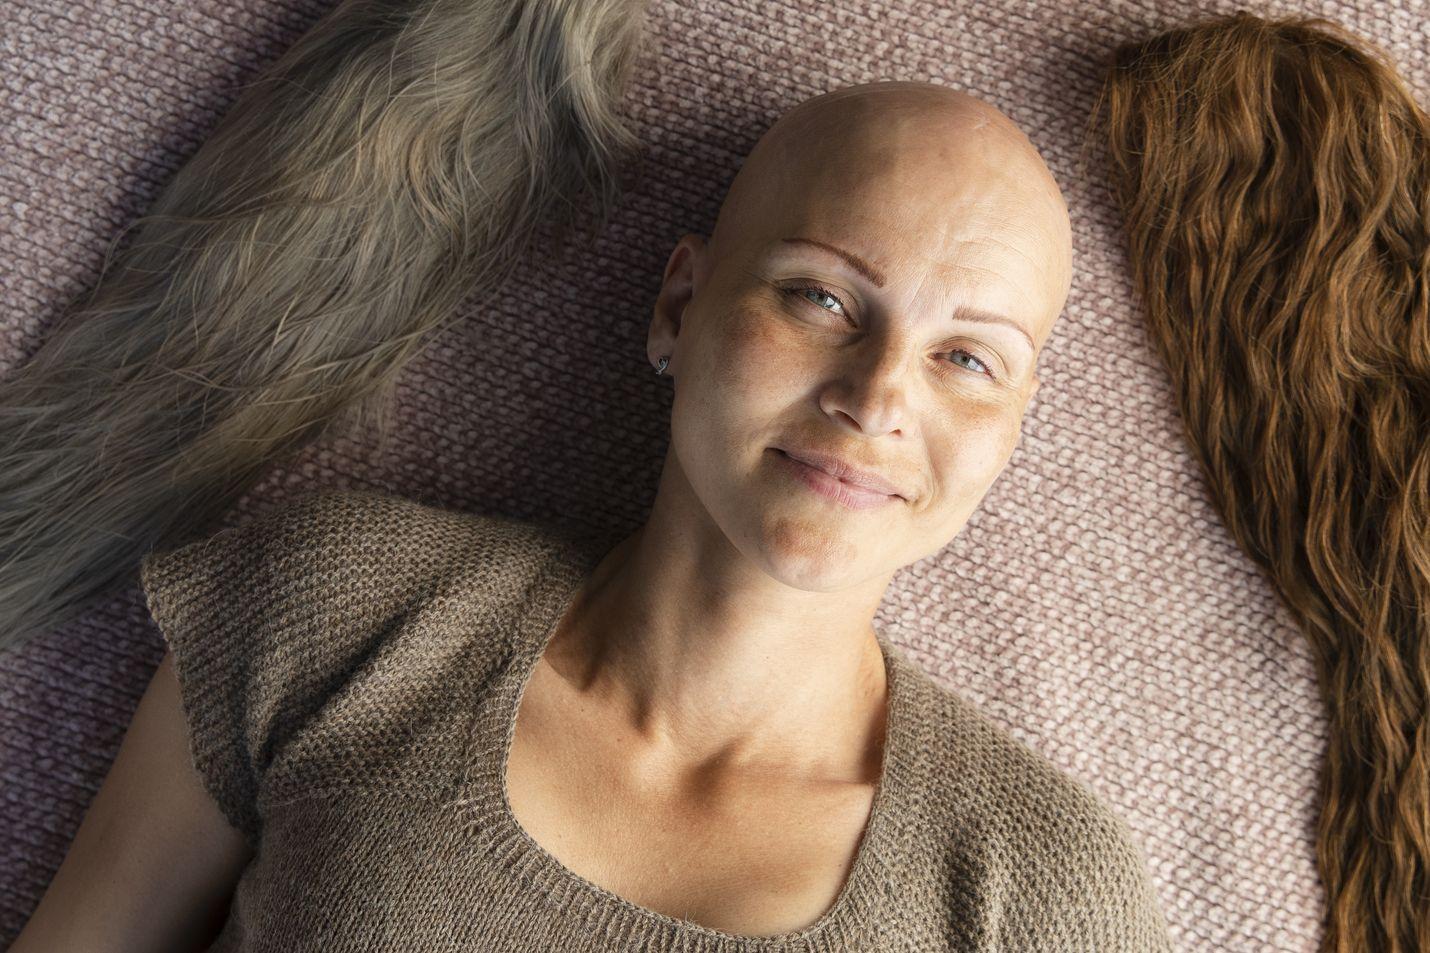 Alopeetikko Una Floor oli vain kahdeksanvuotias, kun hänen hiuksensa alkoivat lähteä. Lapsena ei ollut helppo olla erilainen kuin muut.